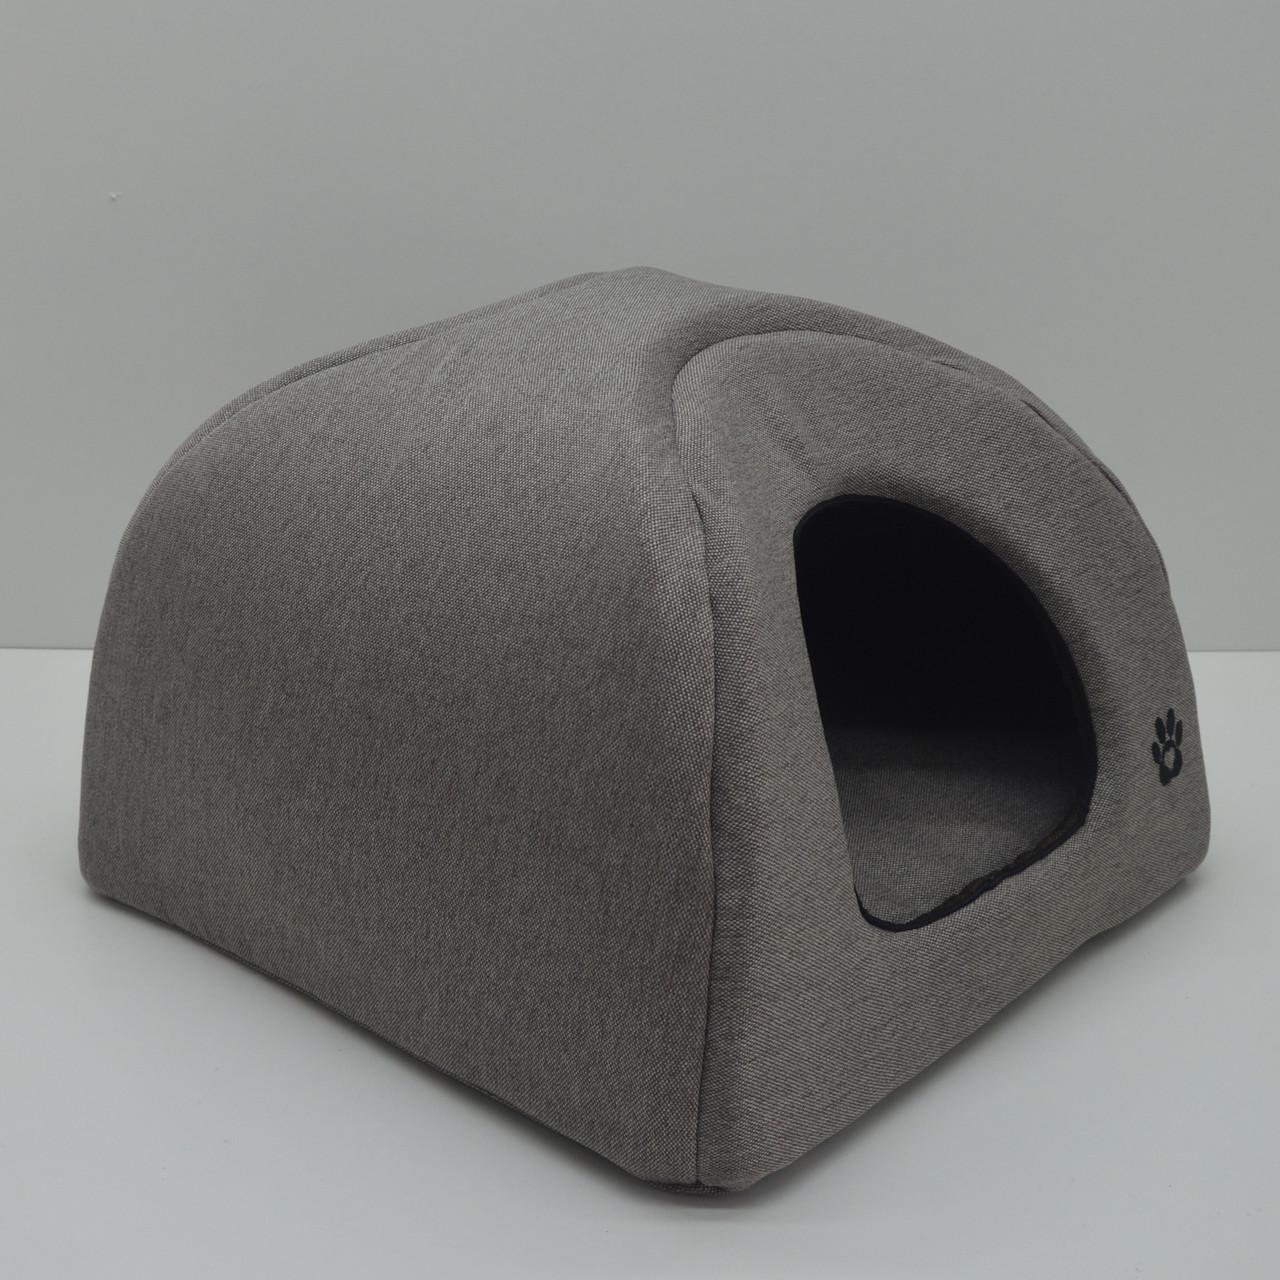 Домик юрта для котов и собак Loft №1 320х320х320 бежевый + коричневый